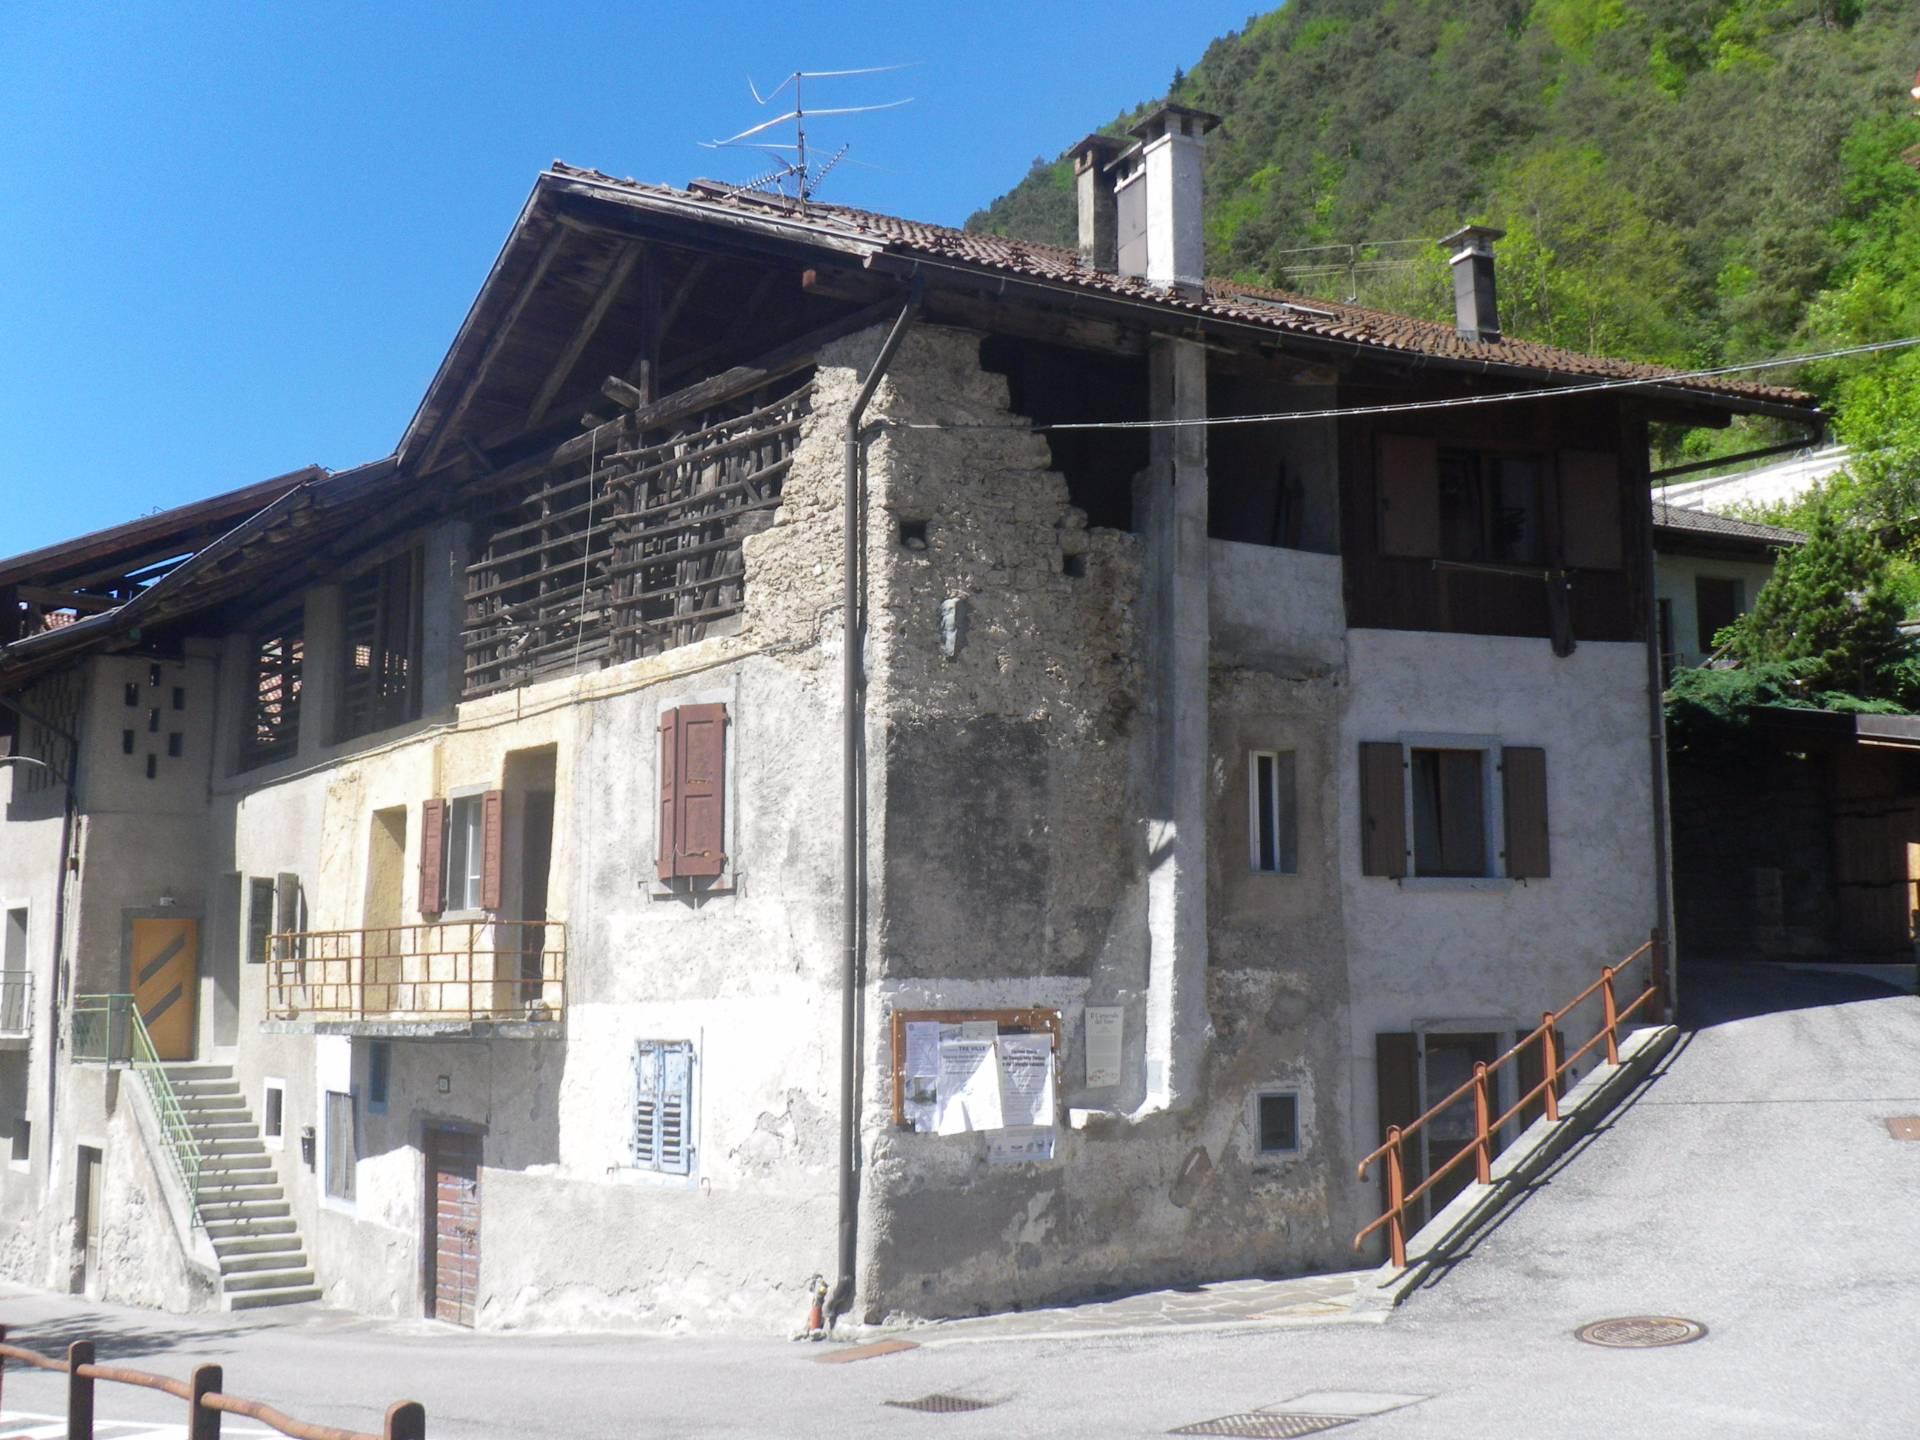 Appartamento in vendita a Ragoli, 2 locali, prezzo € 29.000 | CambioCasa.it